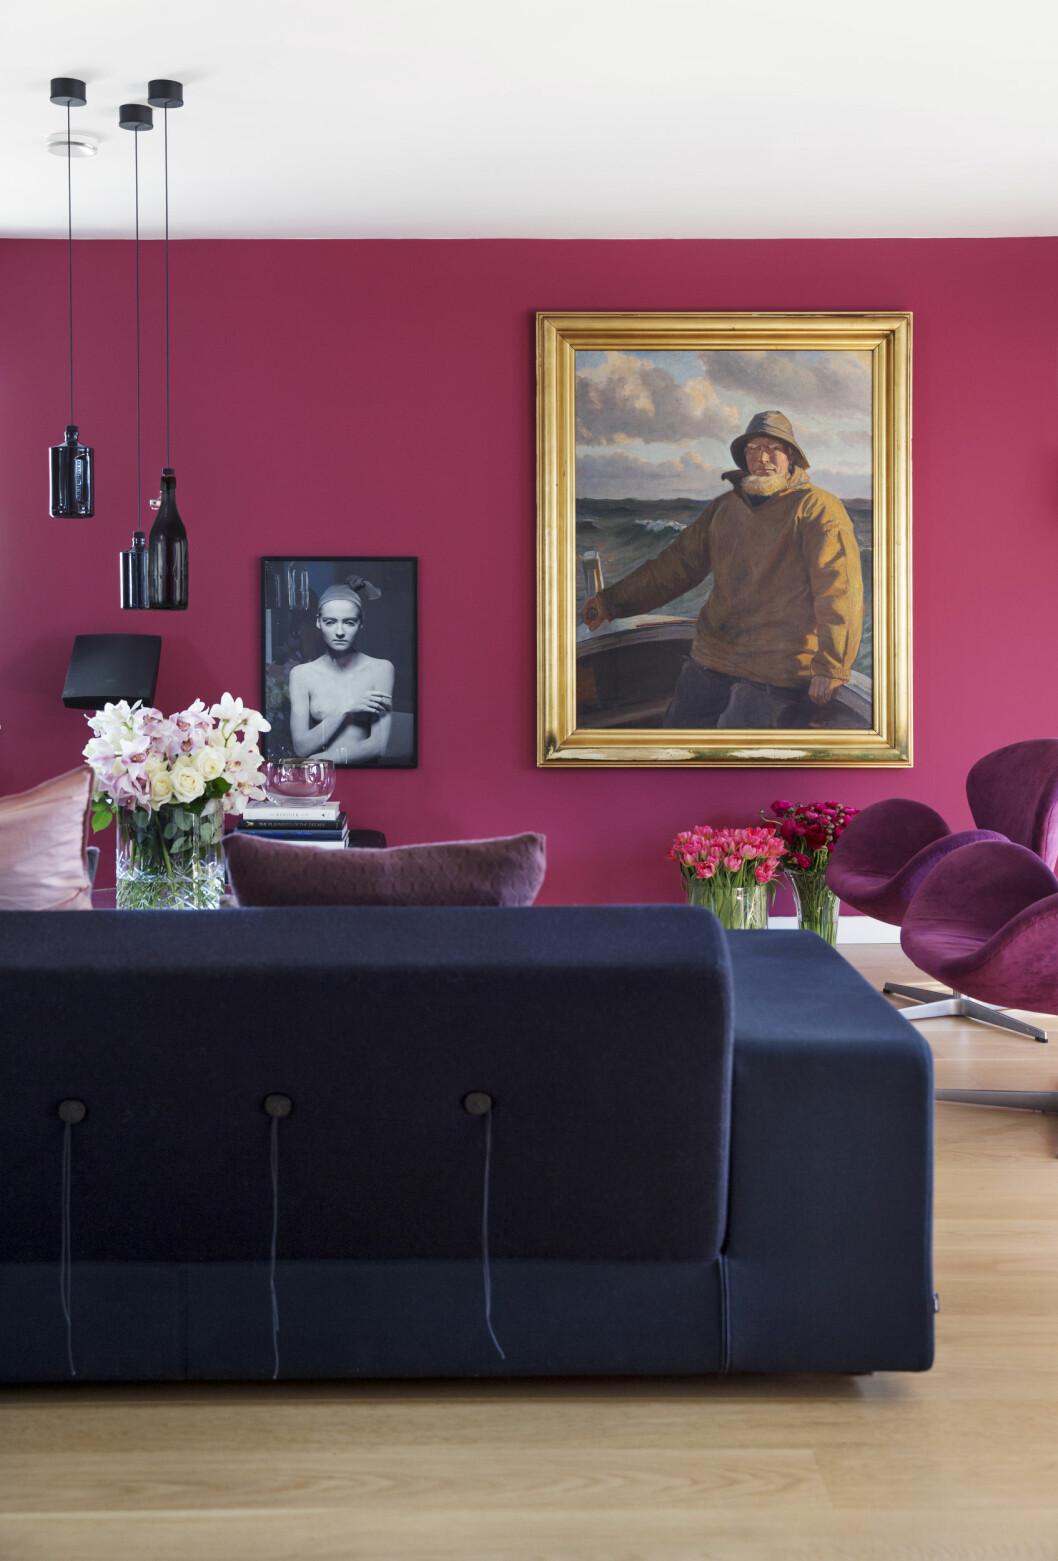 KUNST: Den gamle sjømannen er et arvestykke, malt av Michael Anker. Sofa fra Vitra. Rosa svanestoler fra Arne Jacobsen. Foto: Yvonne Wilhelmsen